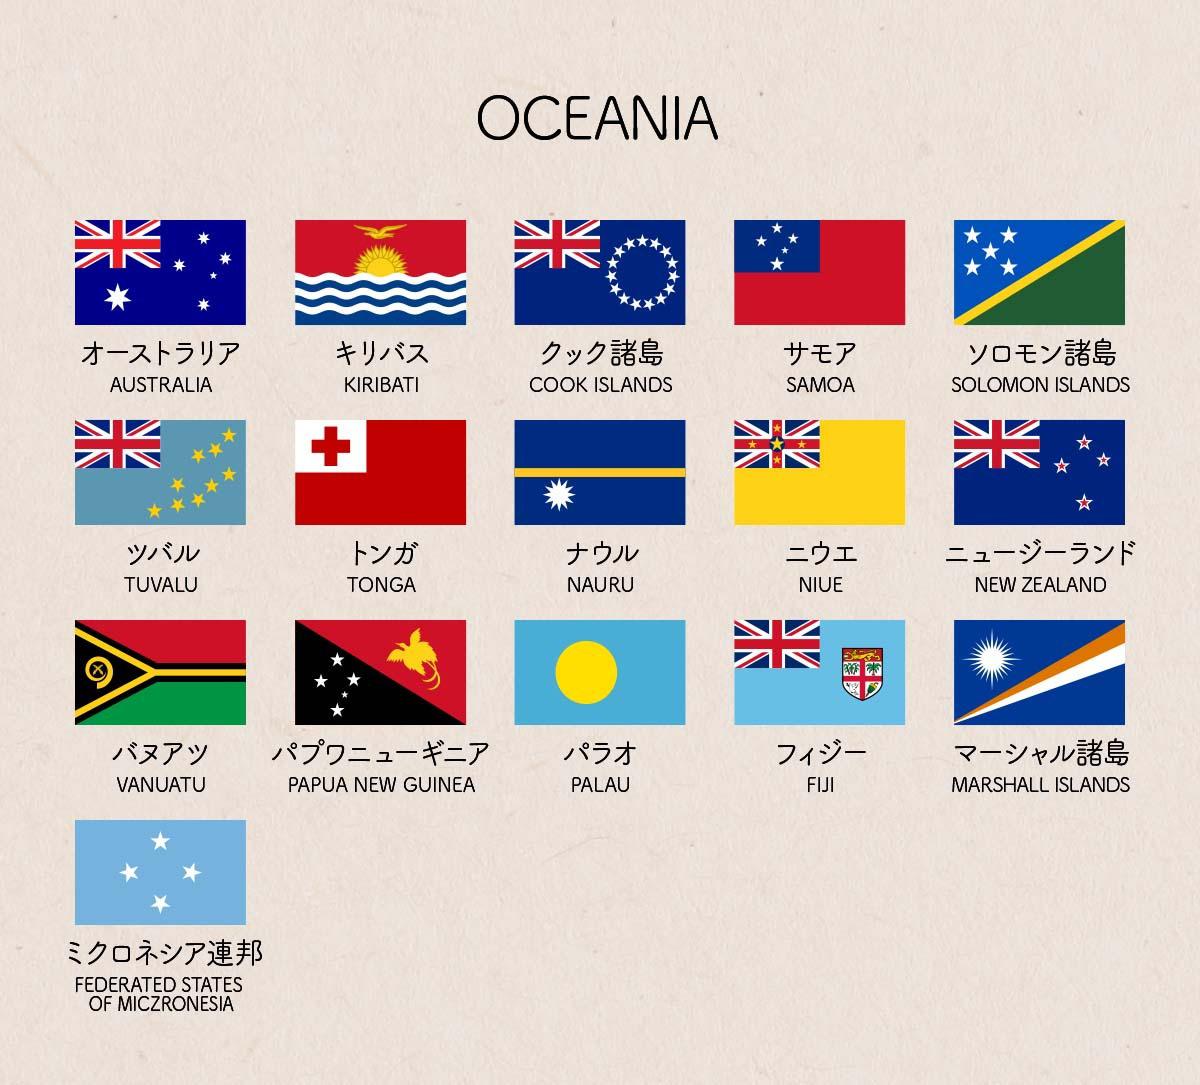 オセアニアの国旗一覧